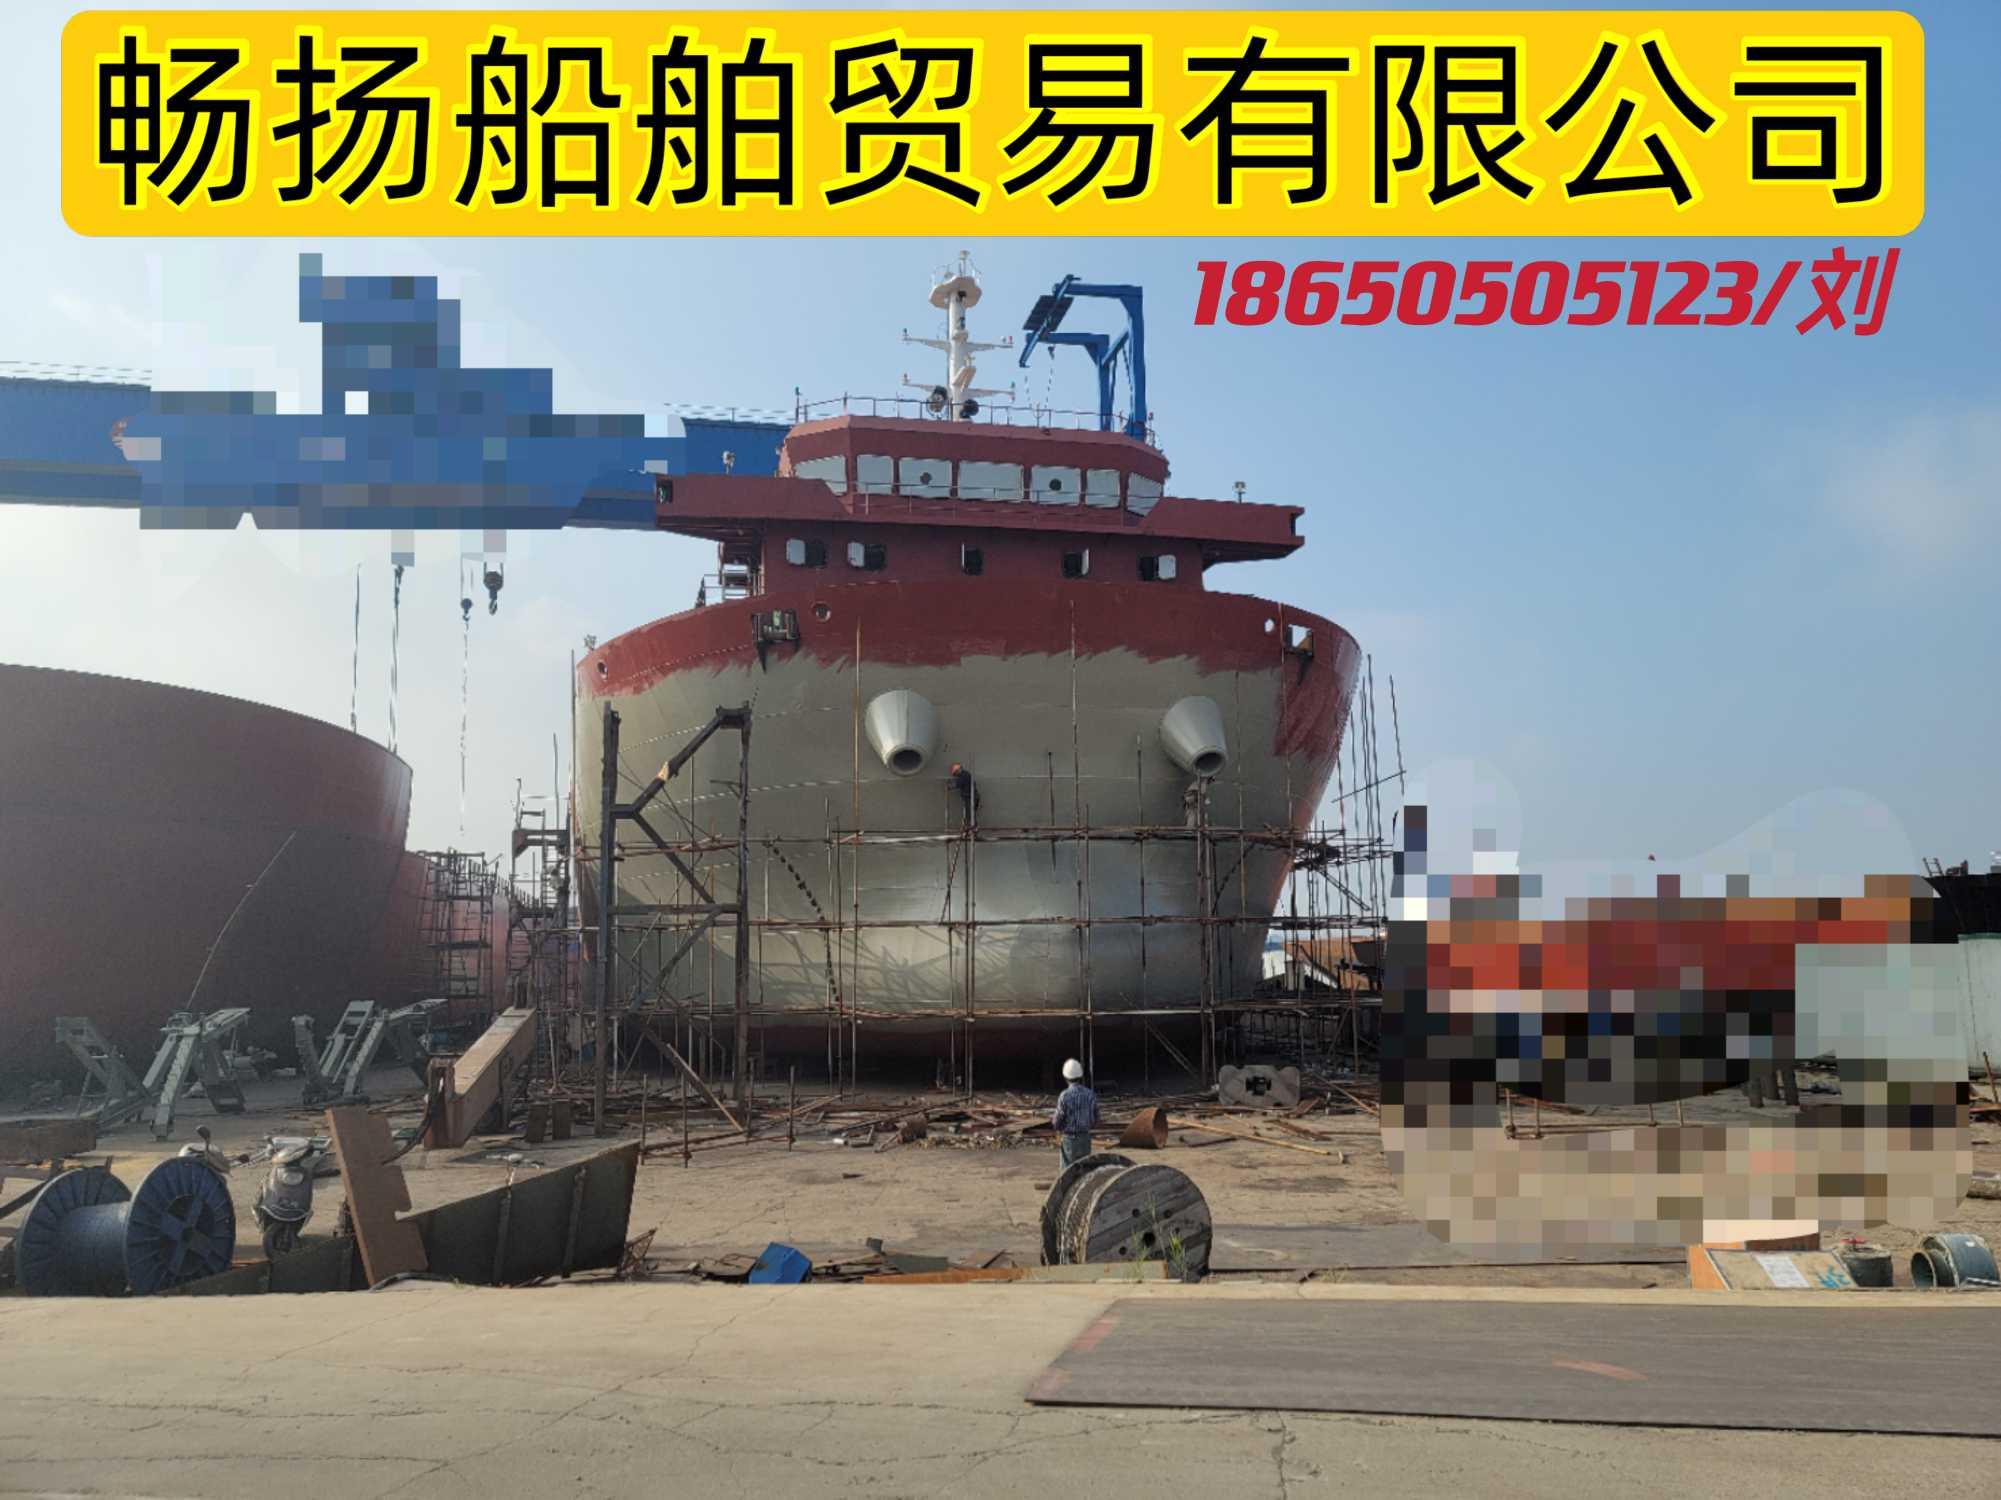 出售6200吨前驾甲板驳(新)